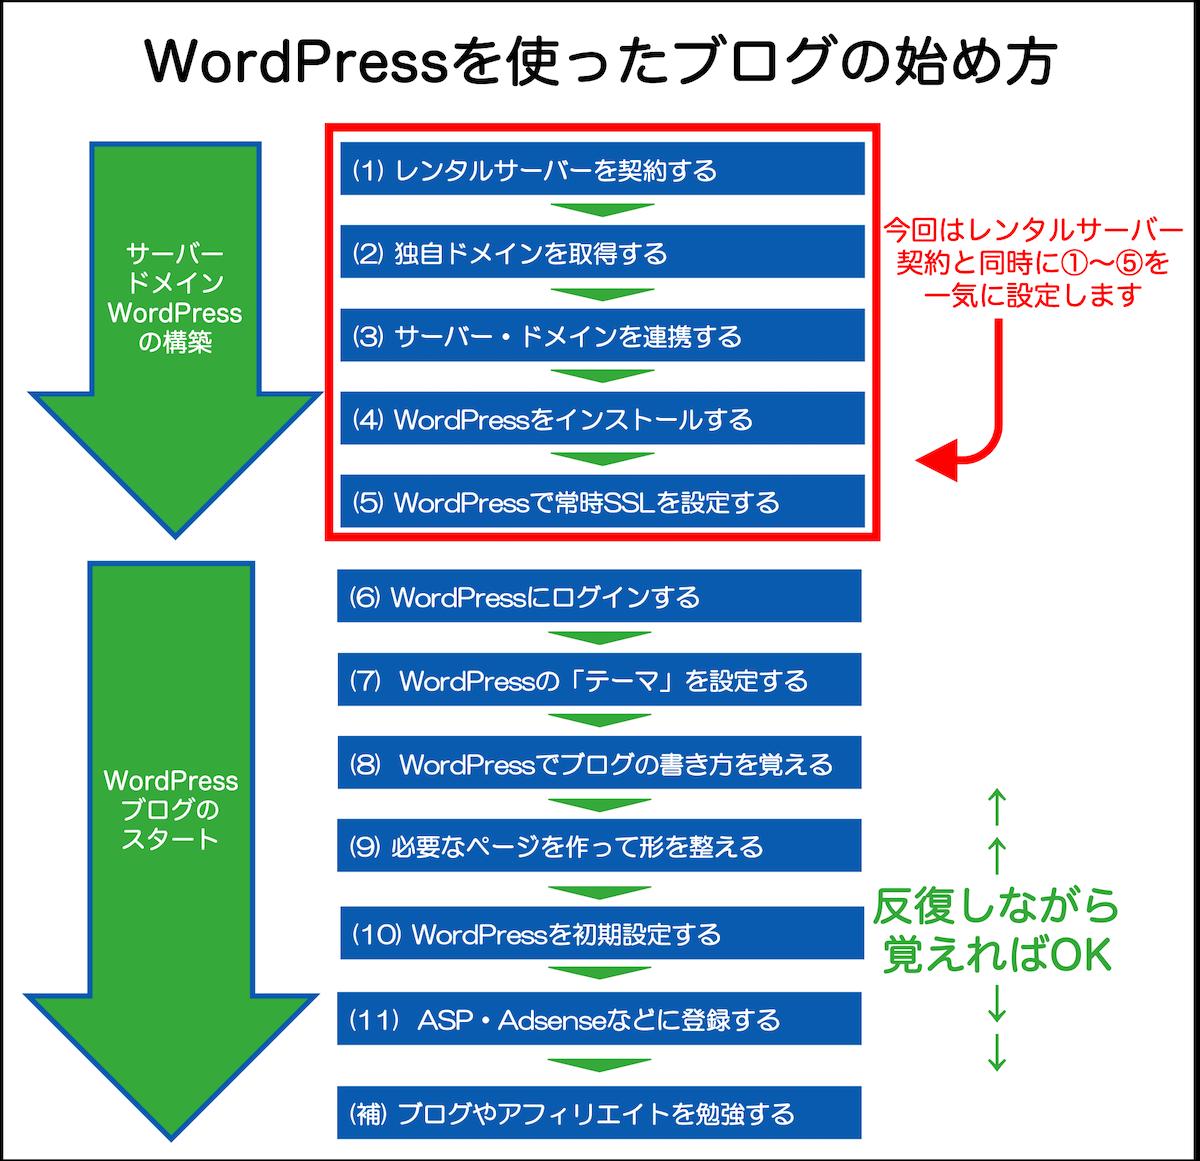 WordPressを使ったブログの始め方